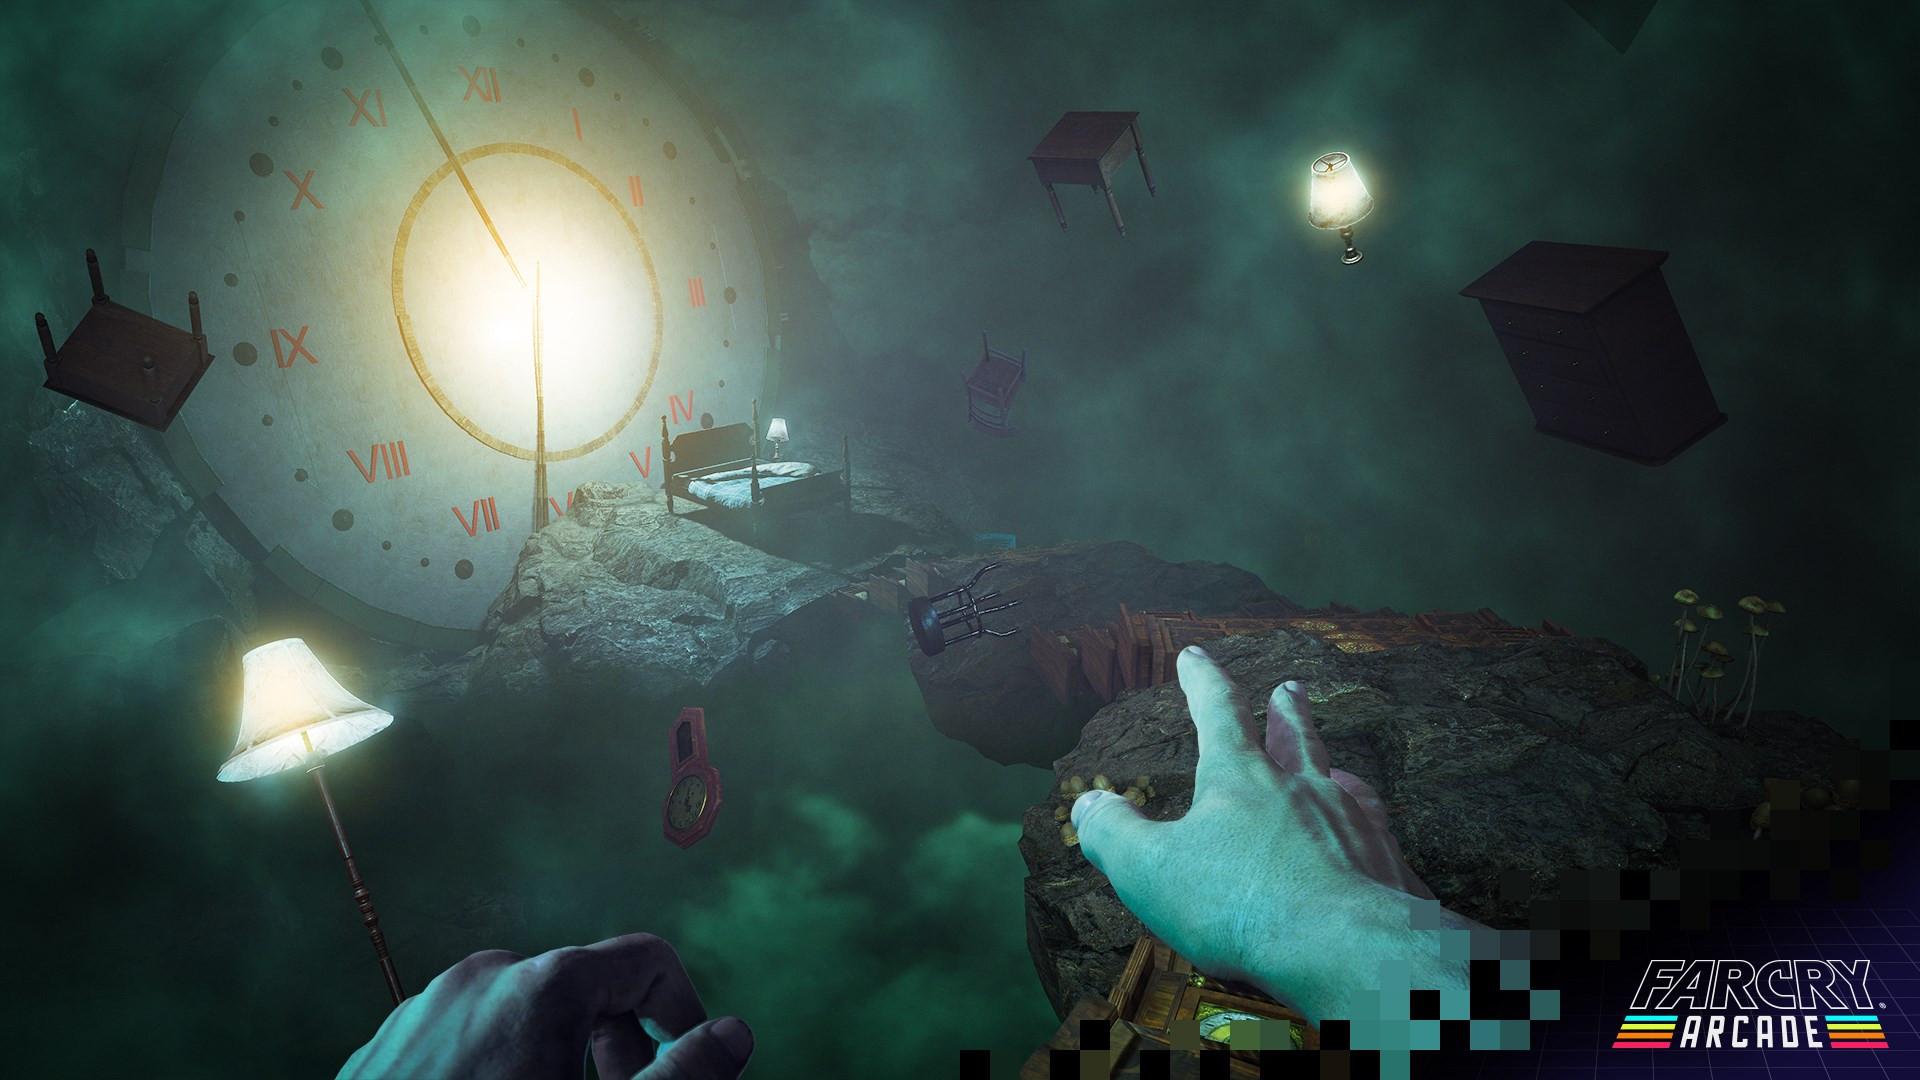 Дополнения для Far Cry 5 отправят игроков в прошлое, на Марс и к зомби. Анонсирован редактор карт.